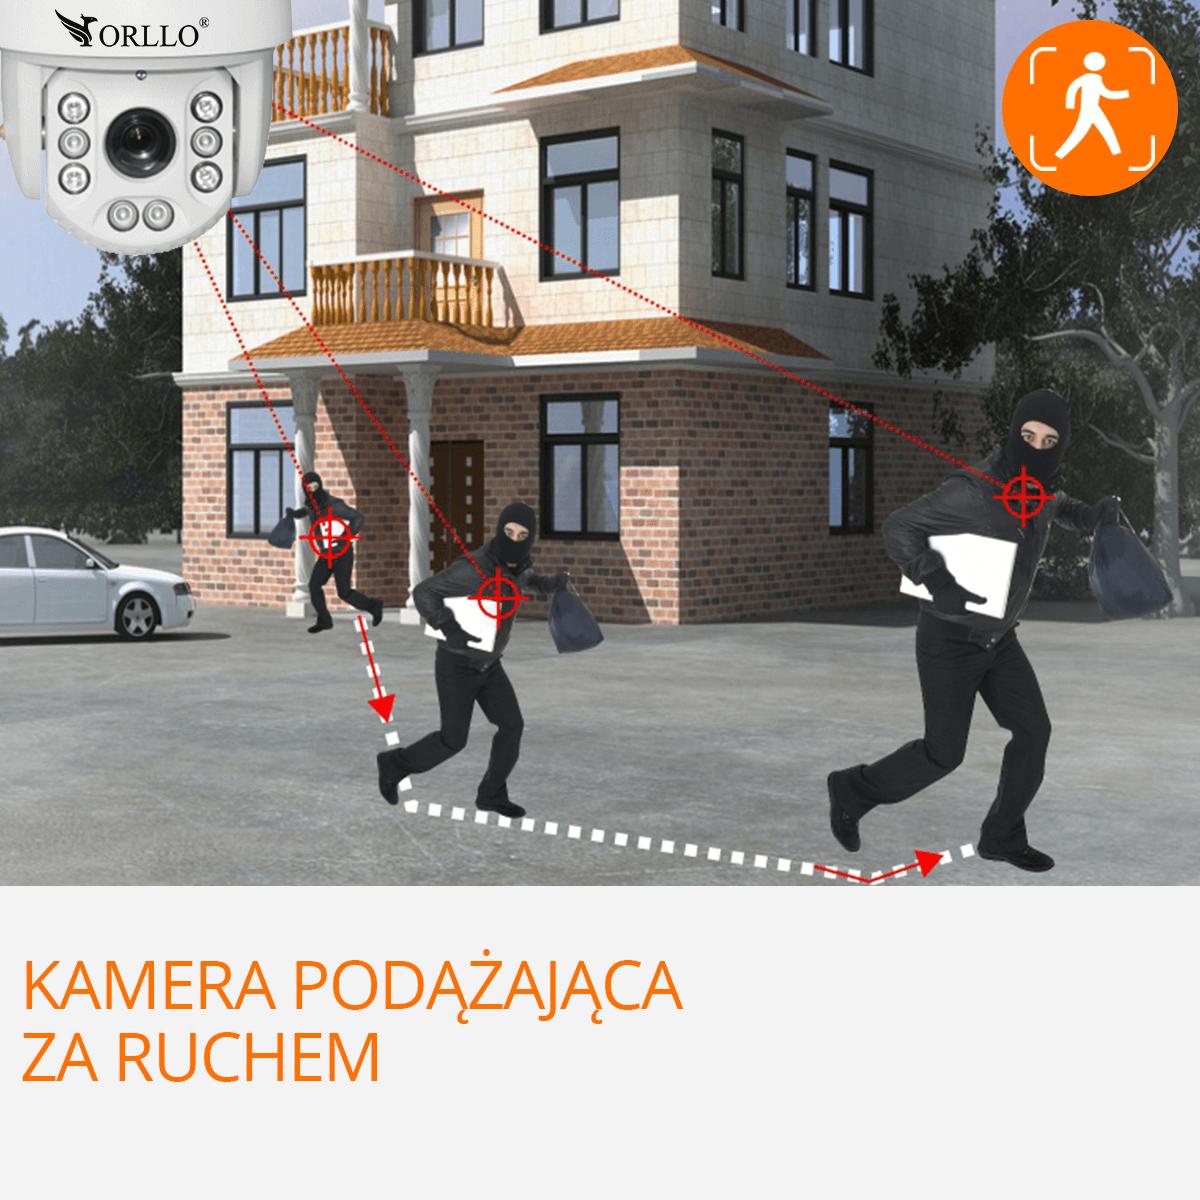 kamera do monitoringu orllo.pl podążanie za ruchem orllo.pl